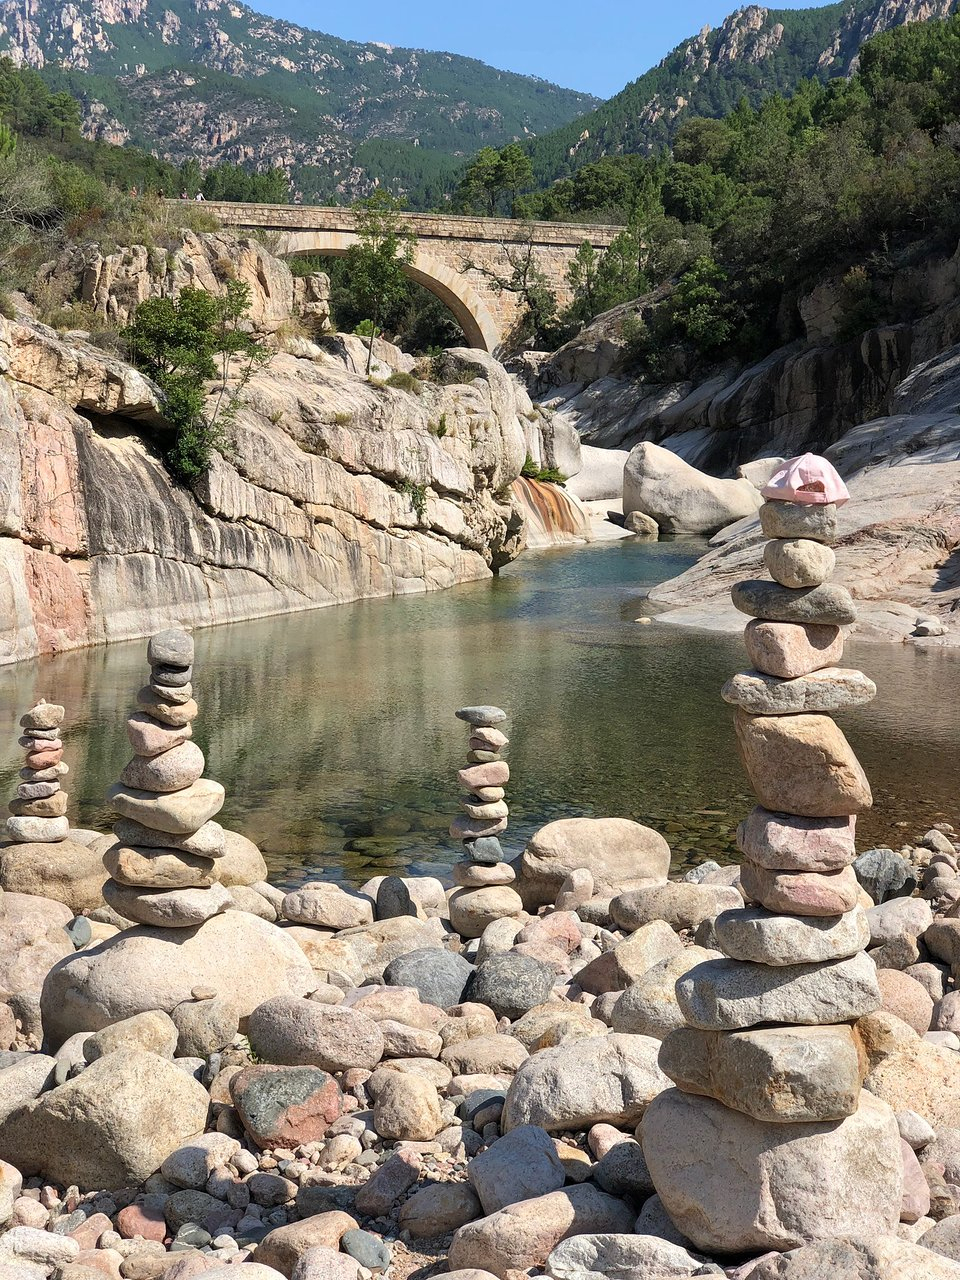 Piscines Naturelles De Cavu (Sainte-Lucie-De-Porto-Vecchio ... serapportantà Piscine Naturelle D Eau Chaude Corse Du Sud